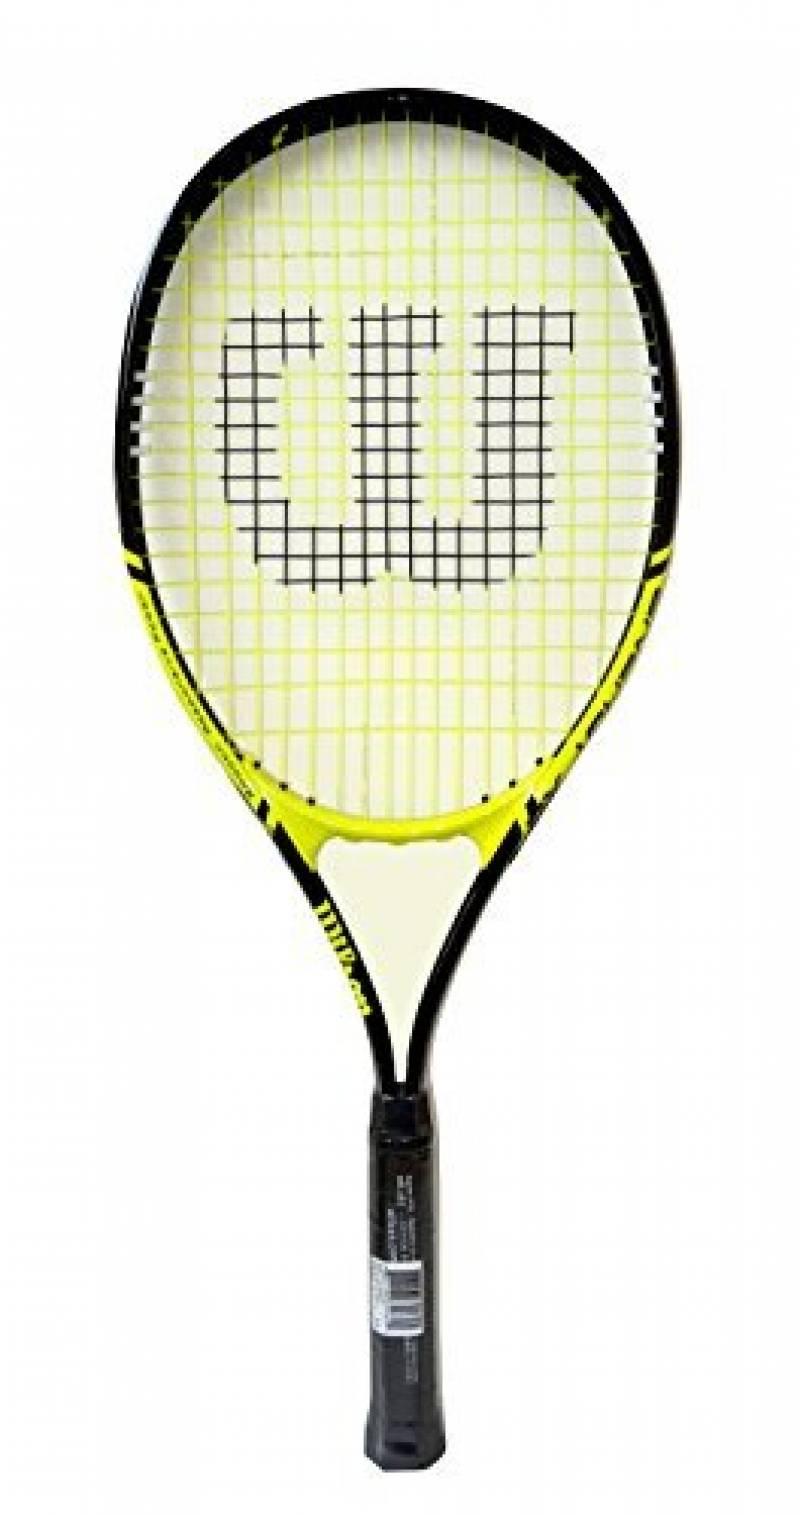 WILSON Raquette de tennis Energy XL pour Adulte, GripSize- 3: 4 3/8 inch de la marque Wilson TOP 7 image 0 produit